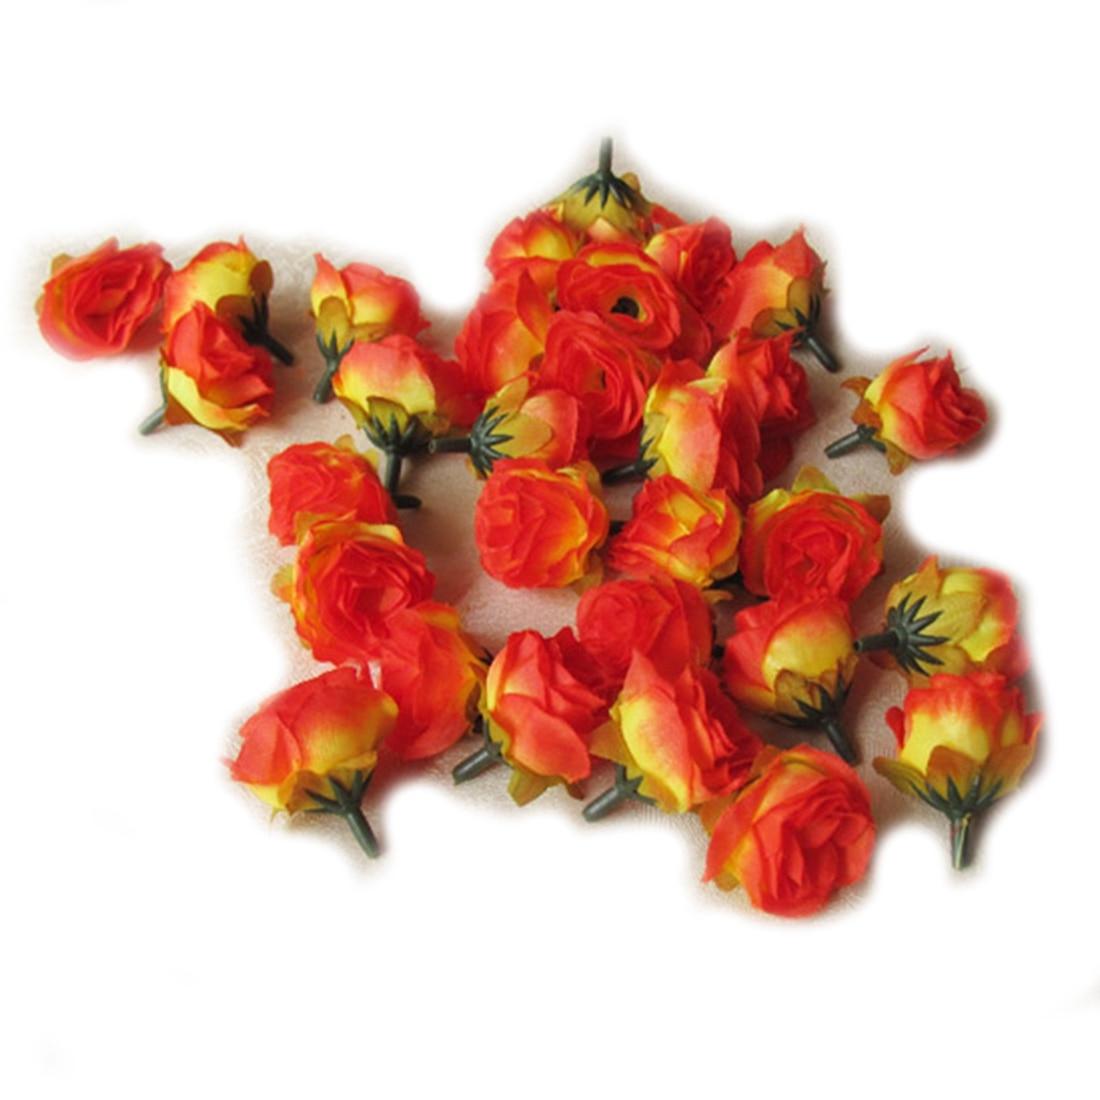 UESH-100pcs Multi Color Pequeño Té Rosa Bricolaje Rosa Flor de Seda - Para fiestas y celebraciones - foto 1